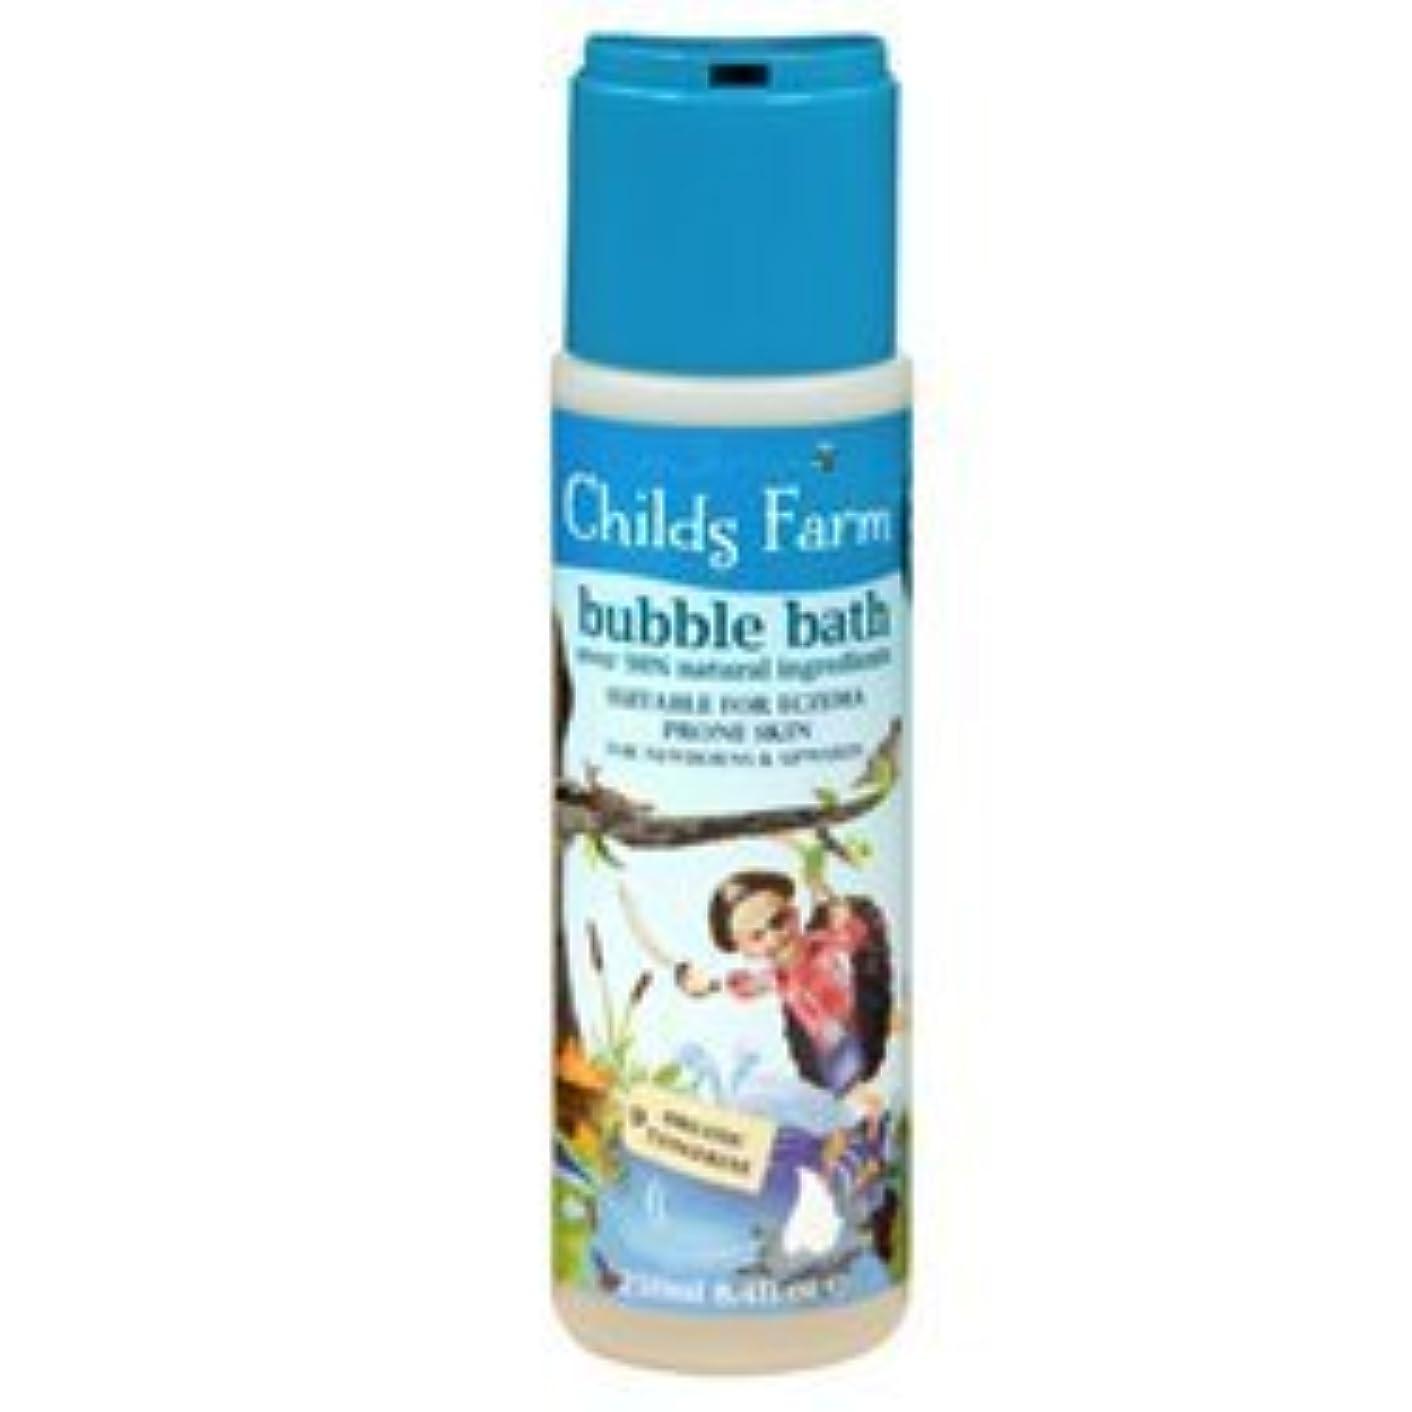 未使用戸惑うおばあさんChilds Farm Bubble bath for Buccaneers 250ml x 1 by Childs Farm [並行輸入品]